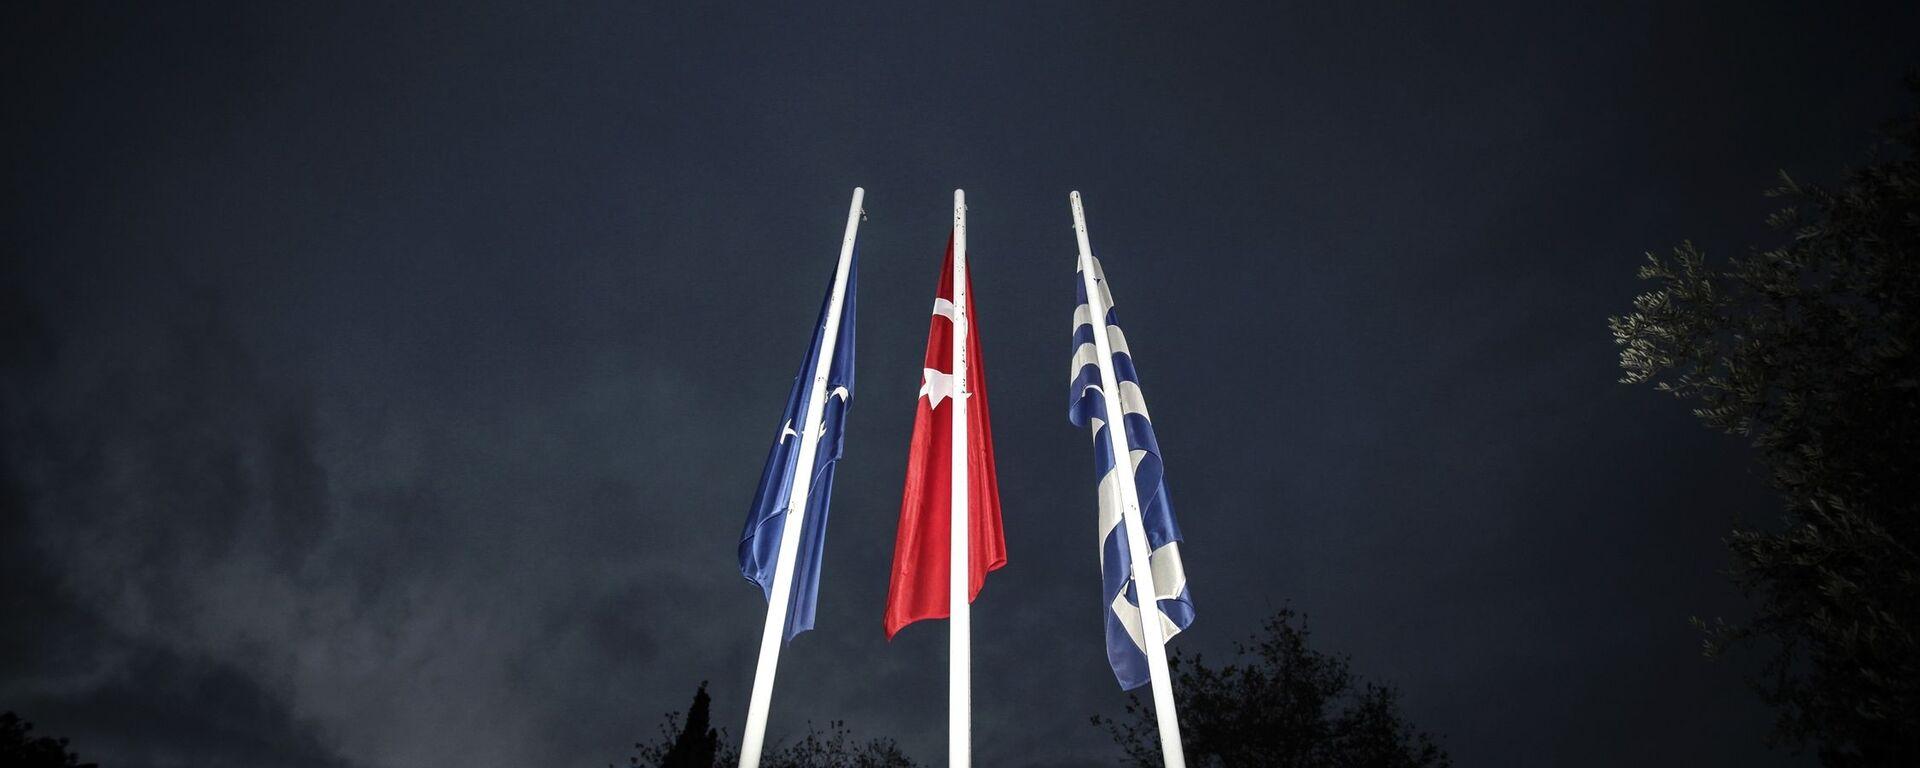 Σημαίες της Ελλάδας, της Τουρκίας και της Ευρωπαϊκής Ένωσης - Sputnik Ελλάδα, 1920, 04.10.2021